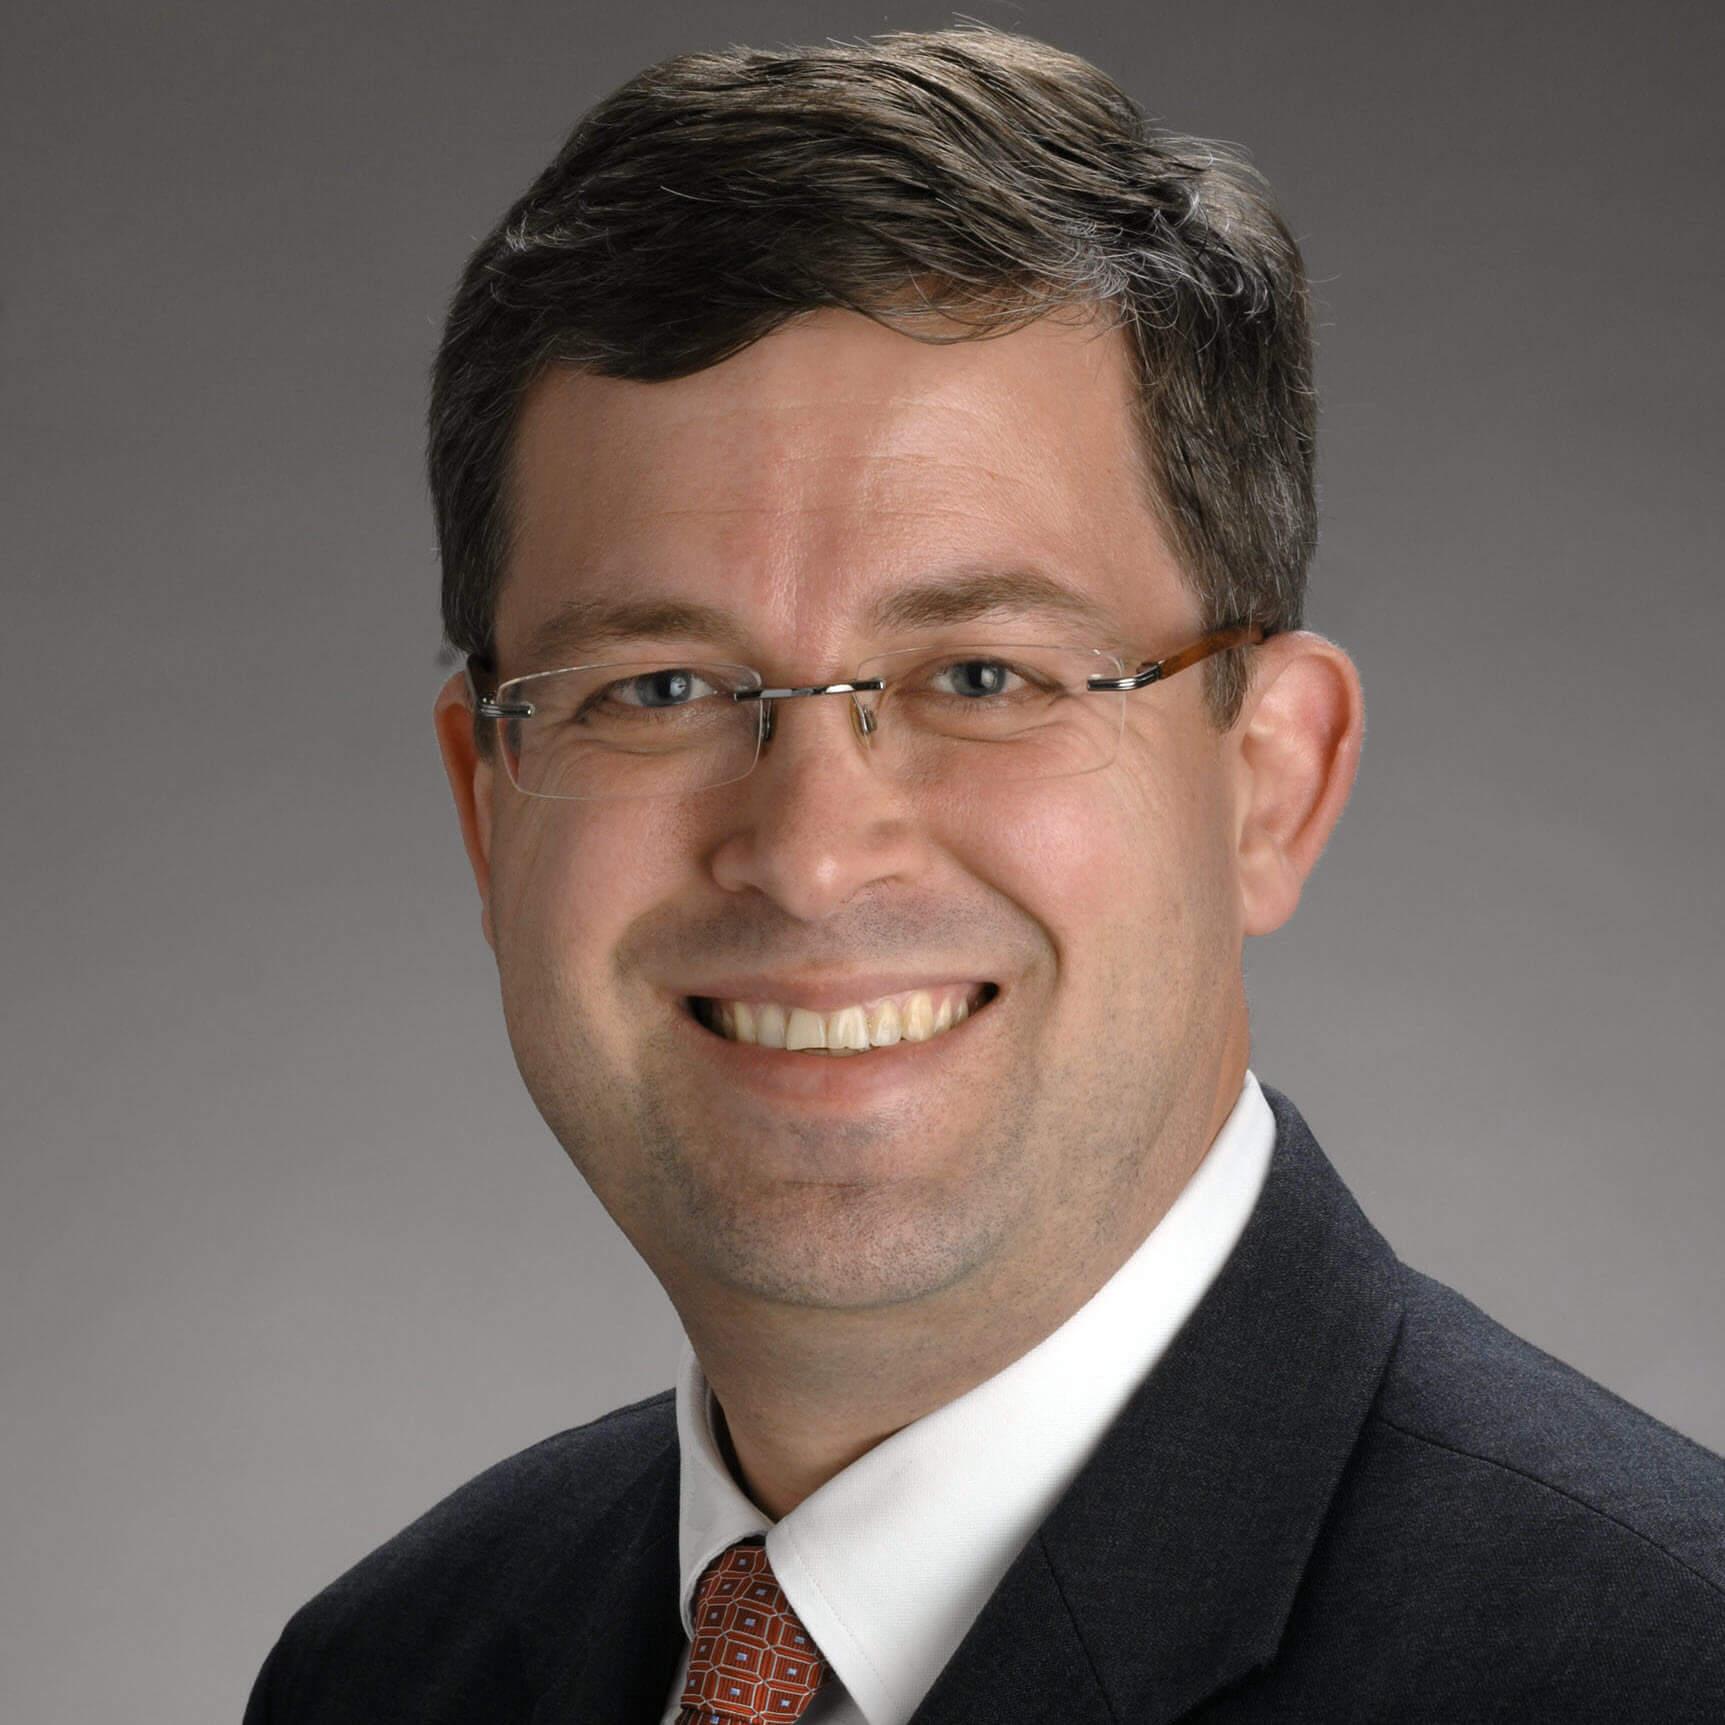 Russ Waitman Headshot